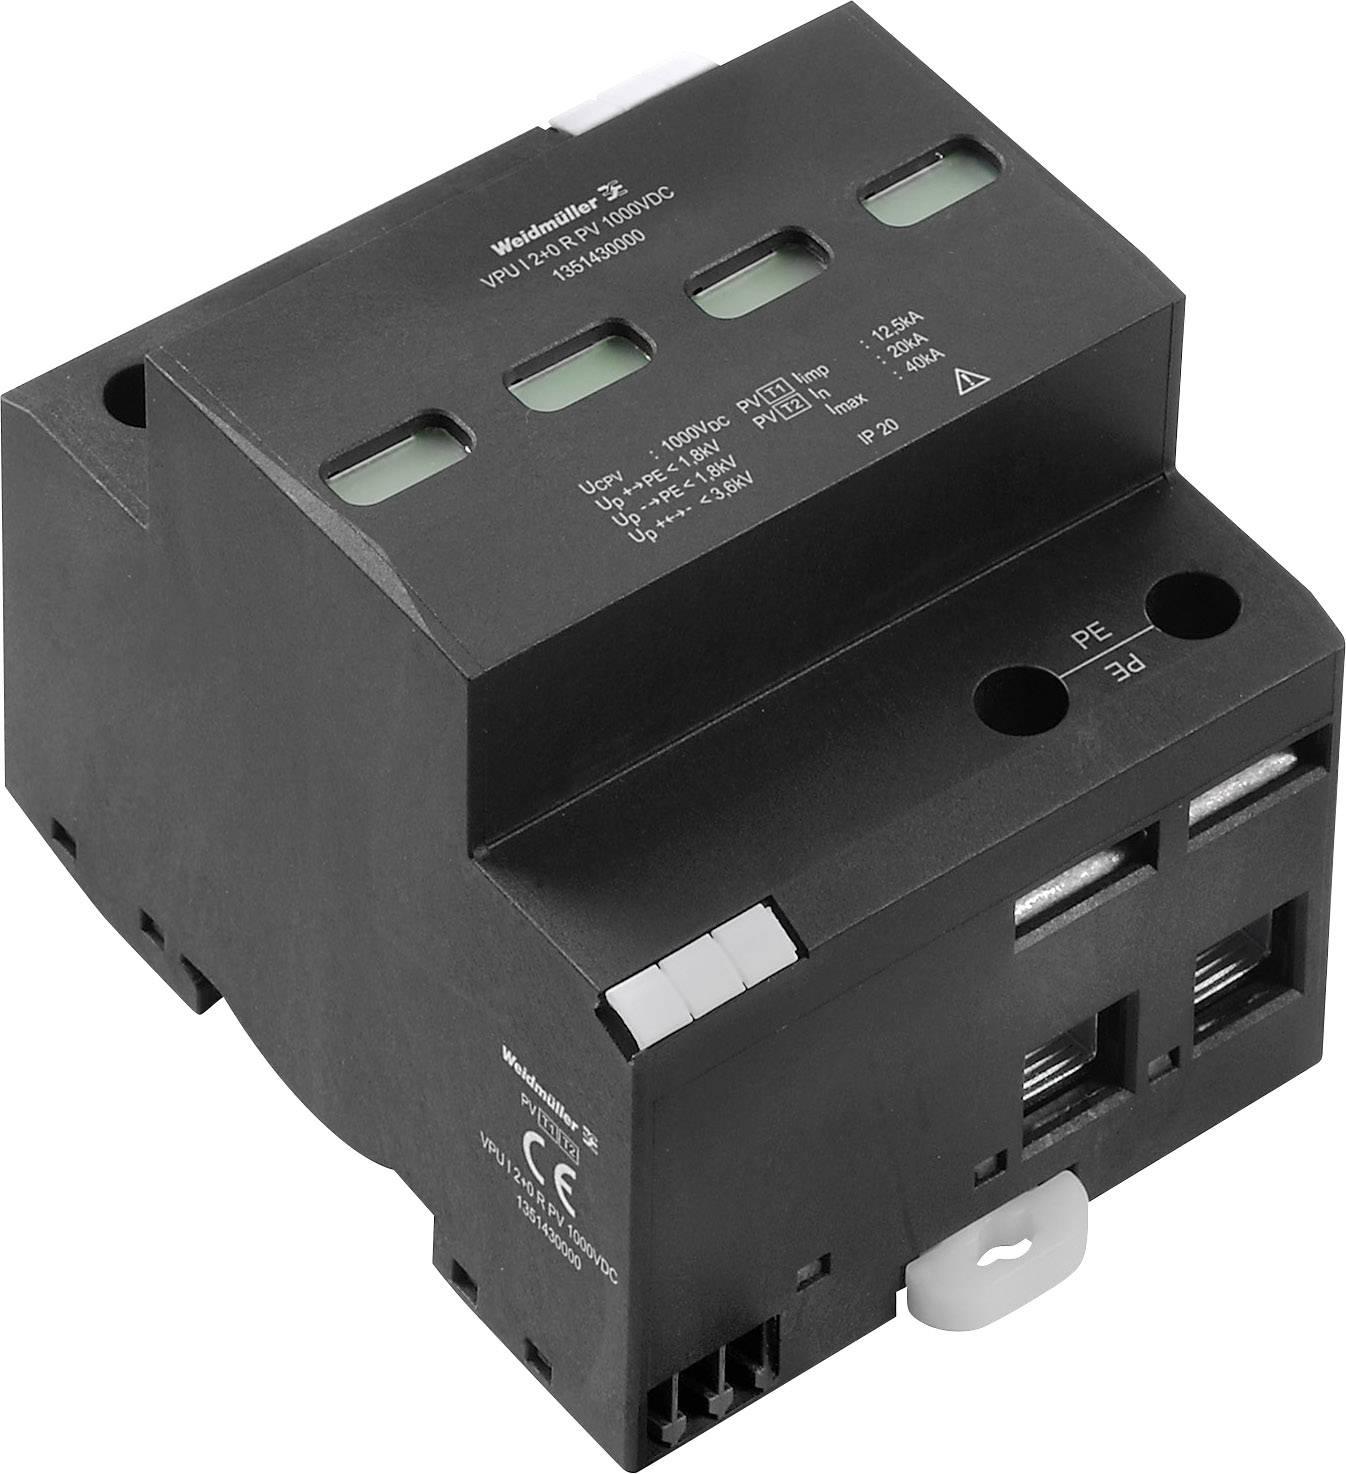 Zvodič pre prepäťovú ochranu Weidmüller VPU I 1 LCF 280 V/35 kA 1351350000, 35 kA